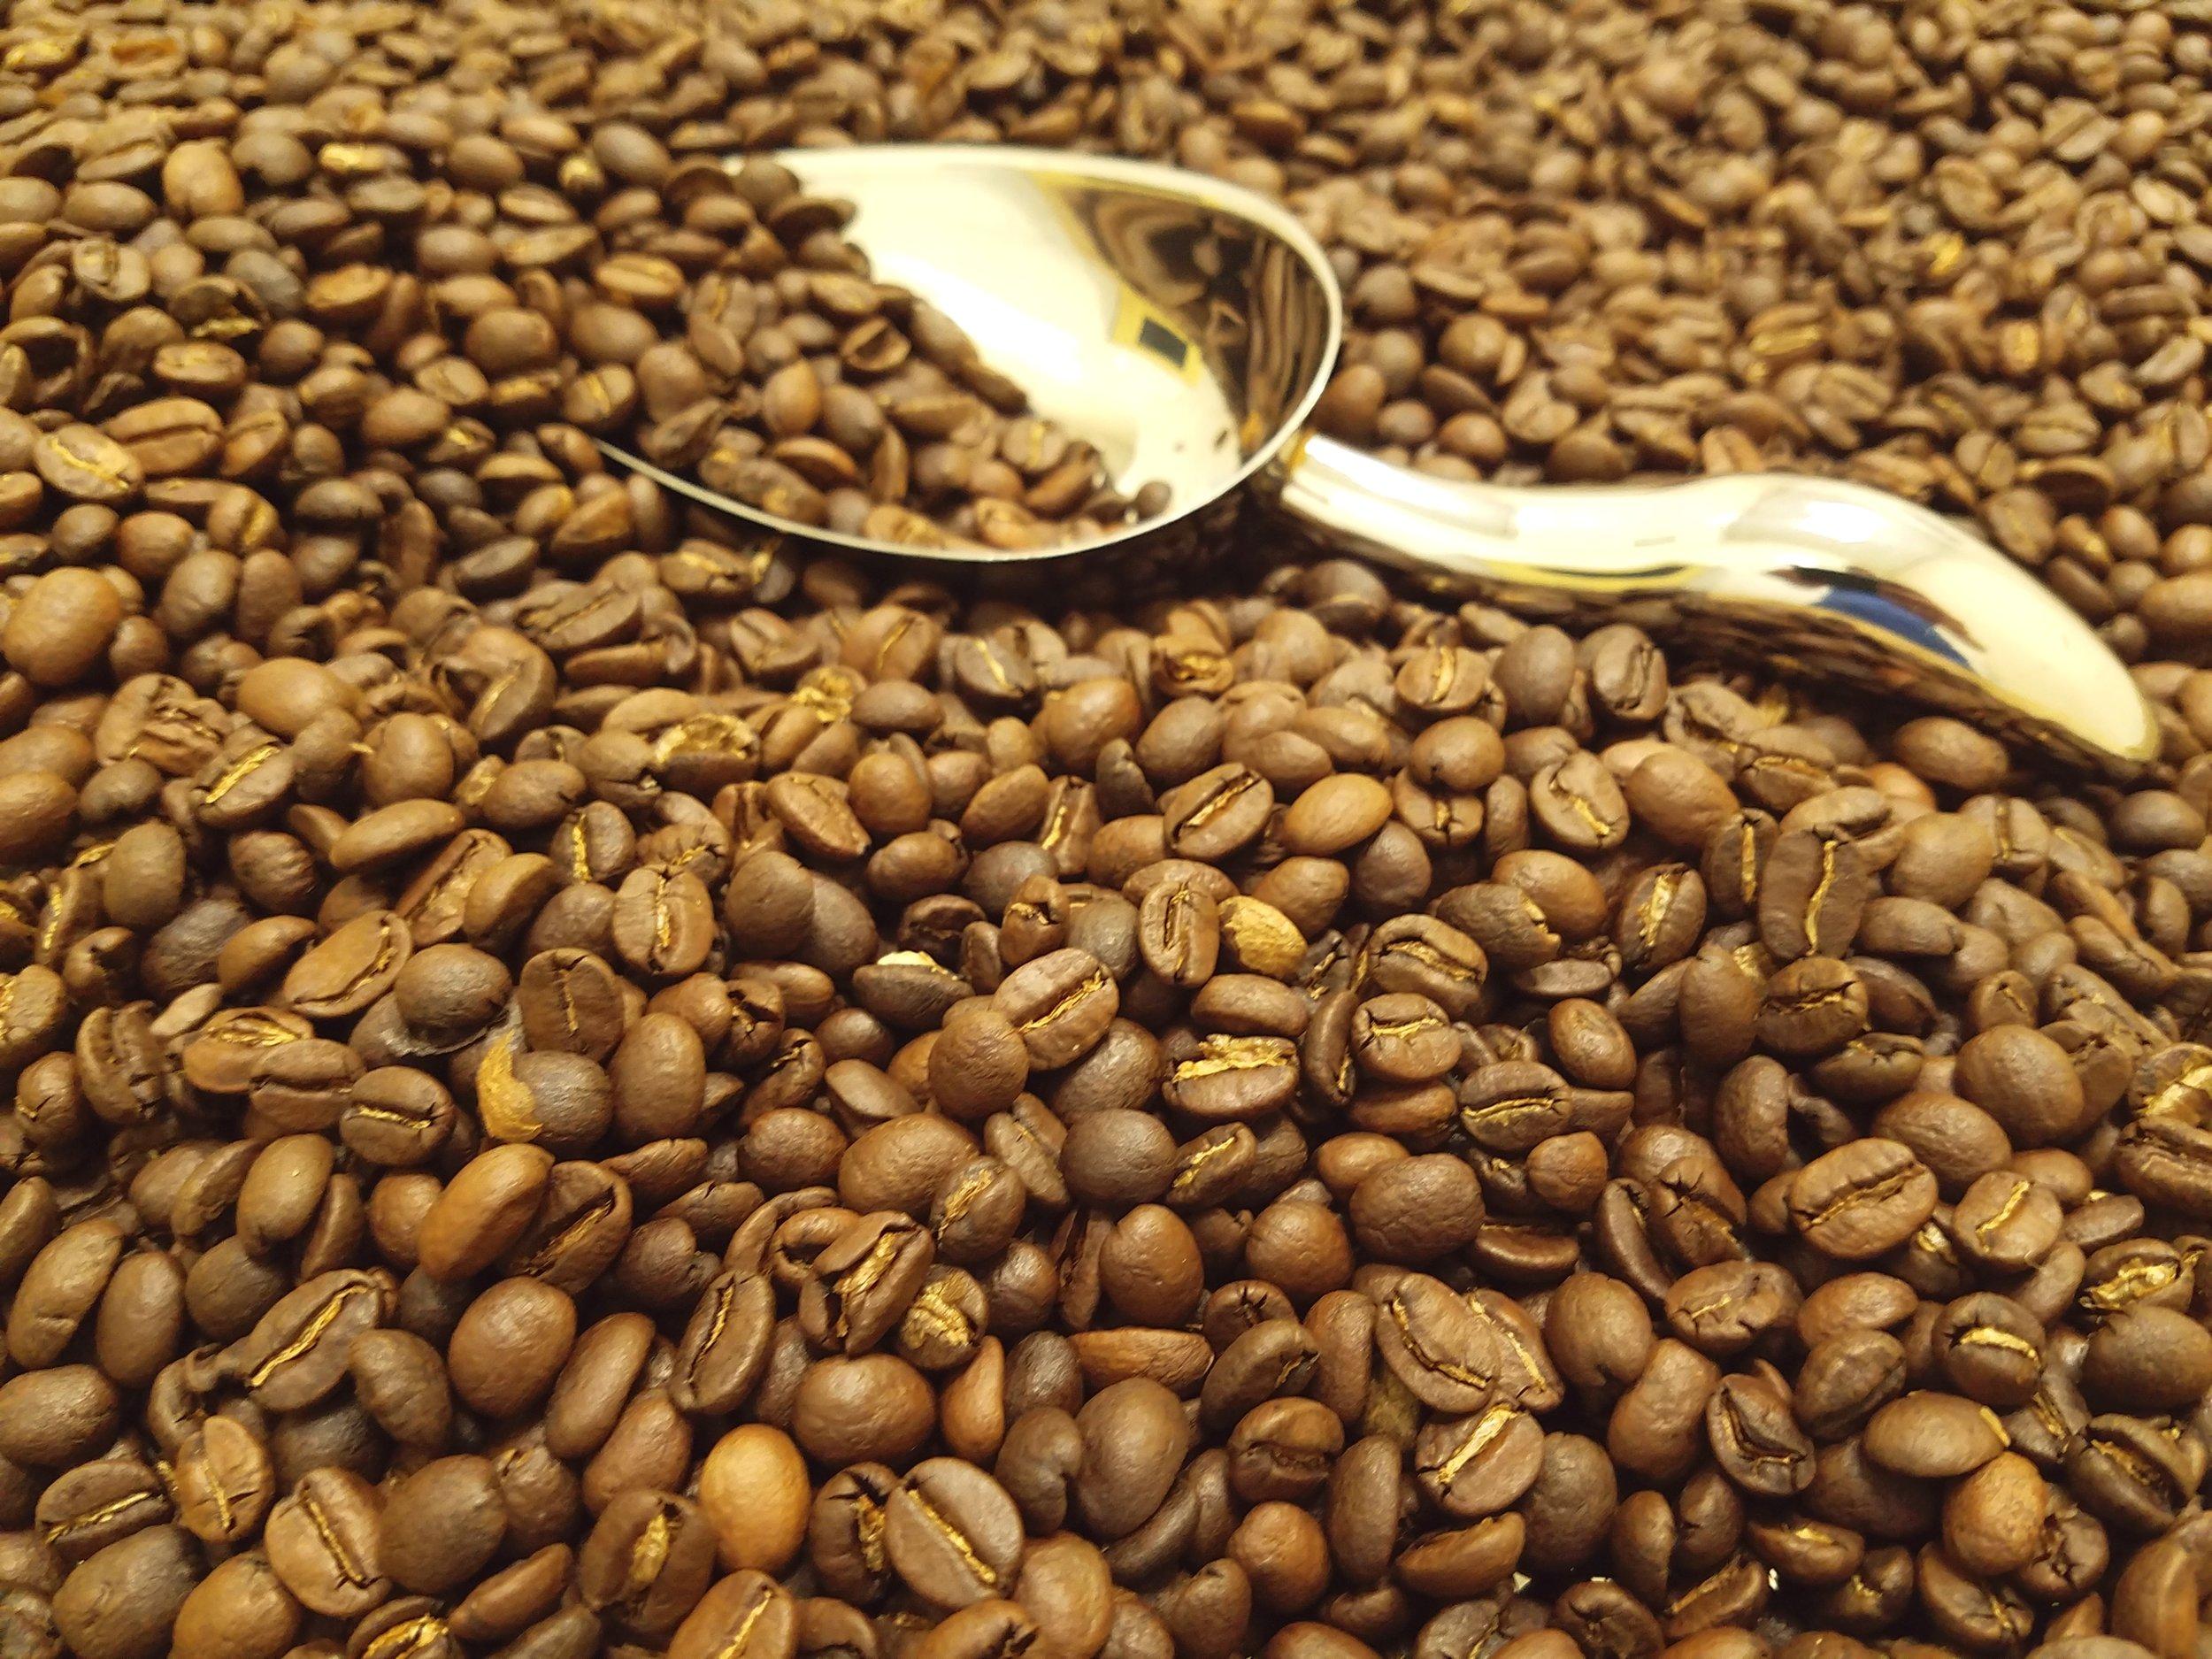 Roasted beans.jpg